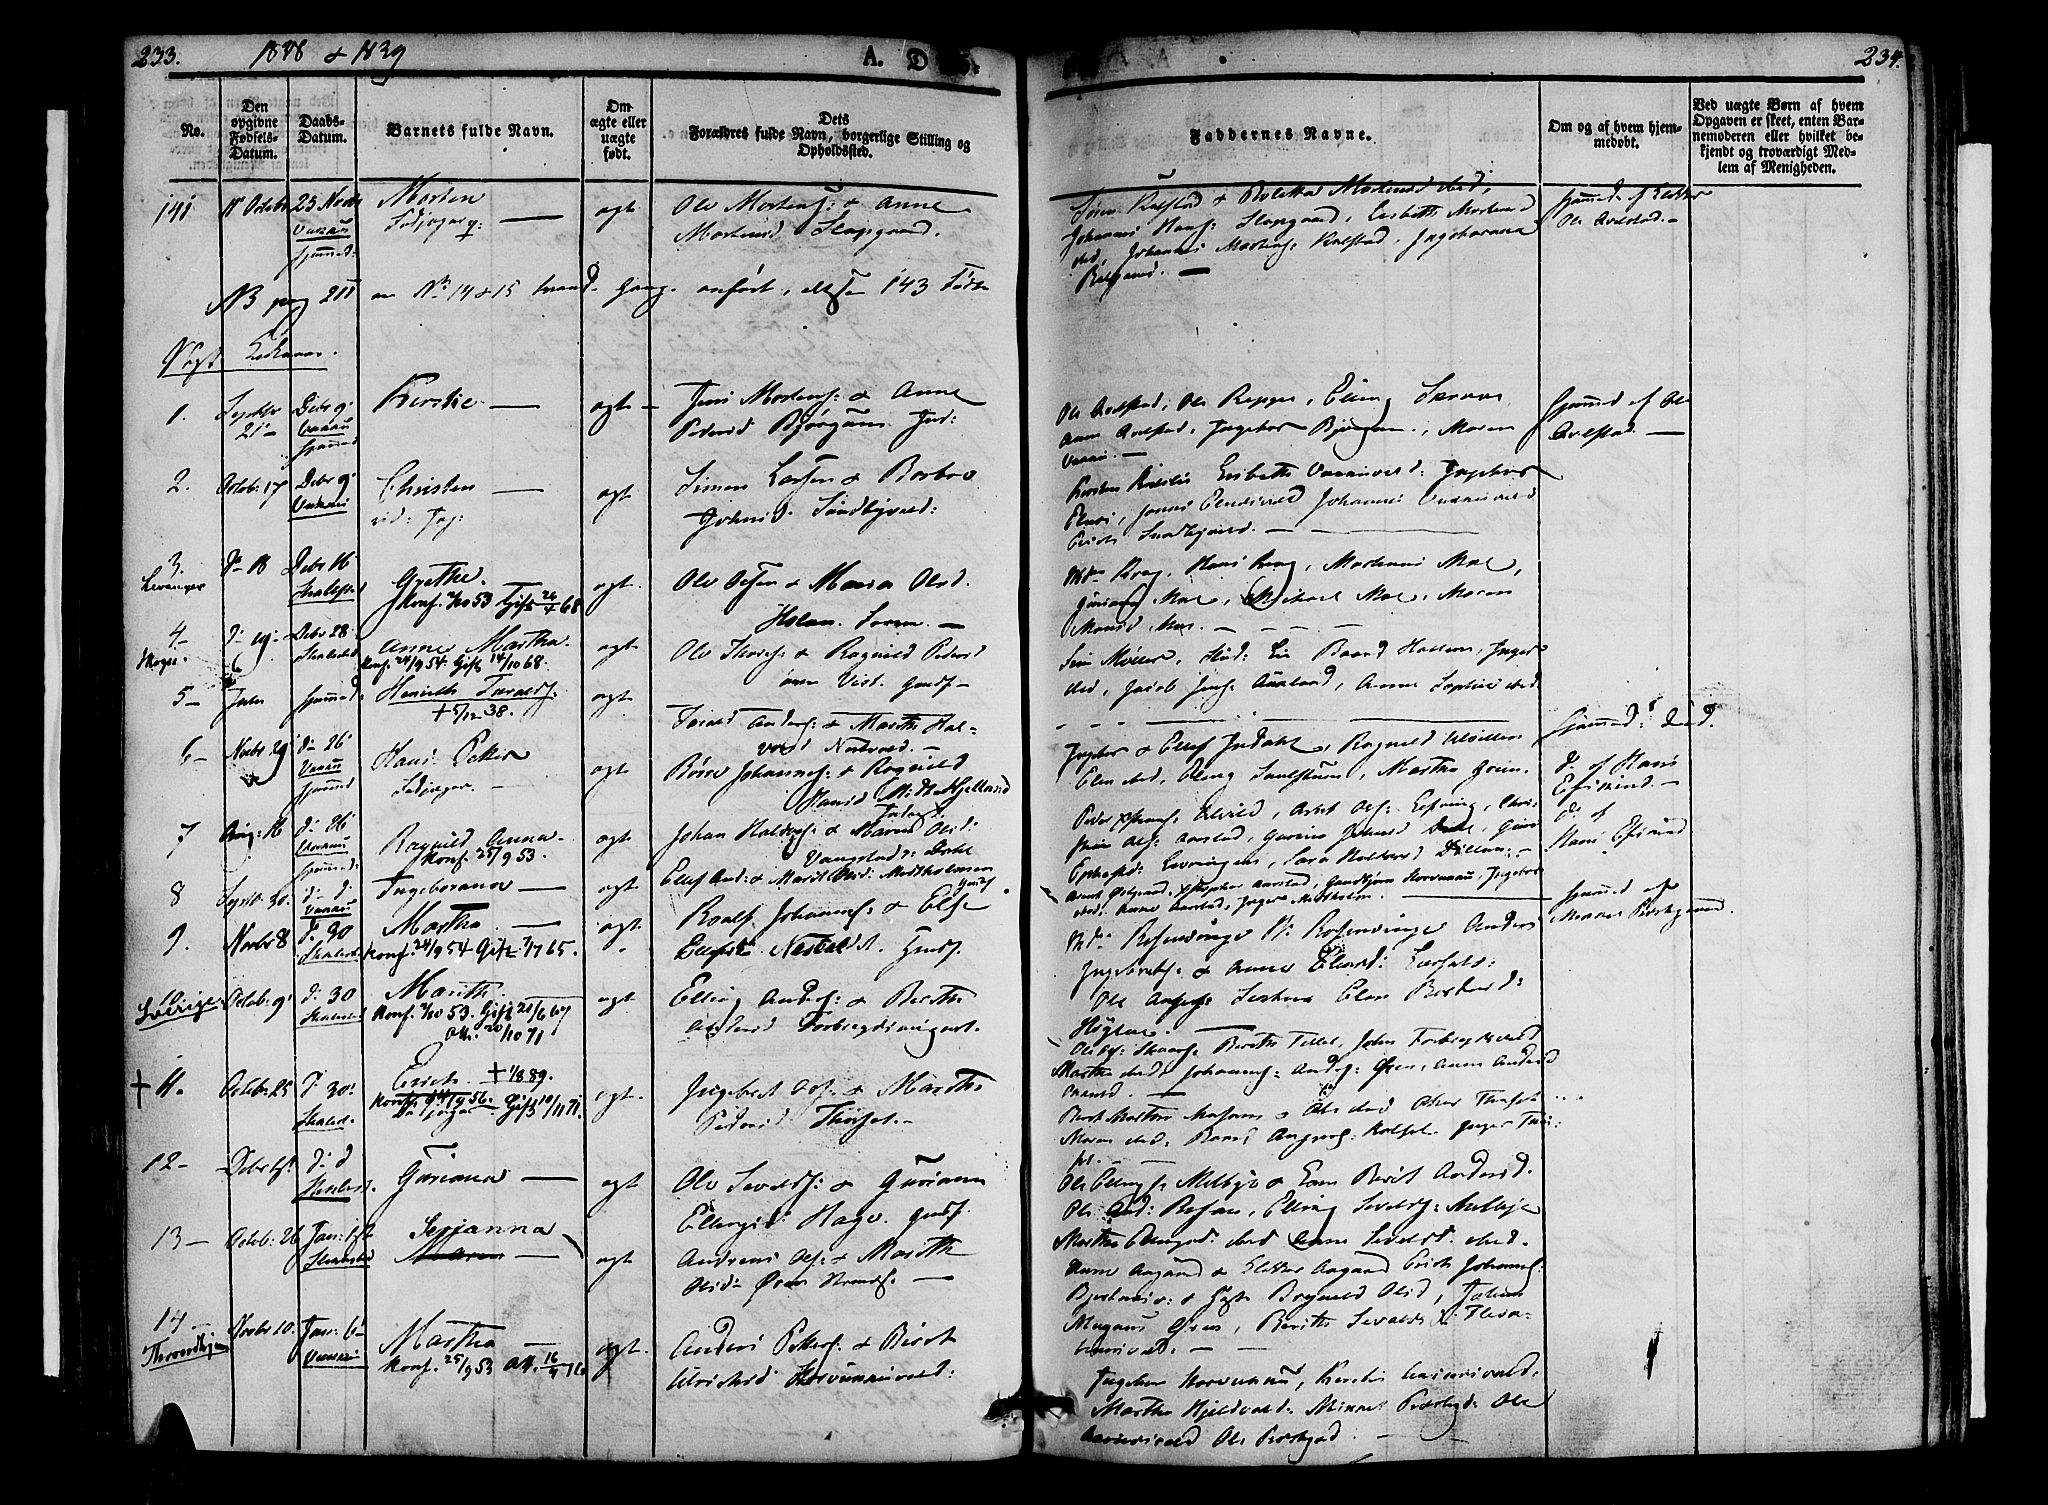 SAT, Ministerialprotokoller, klokkerbøker og fødselsregistre - Nord-Trøndelag, 723/L0238: Ministerialbok nr. 723A07, 1831-1840, s. 233-234